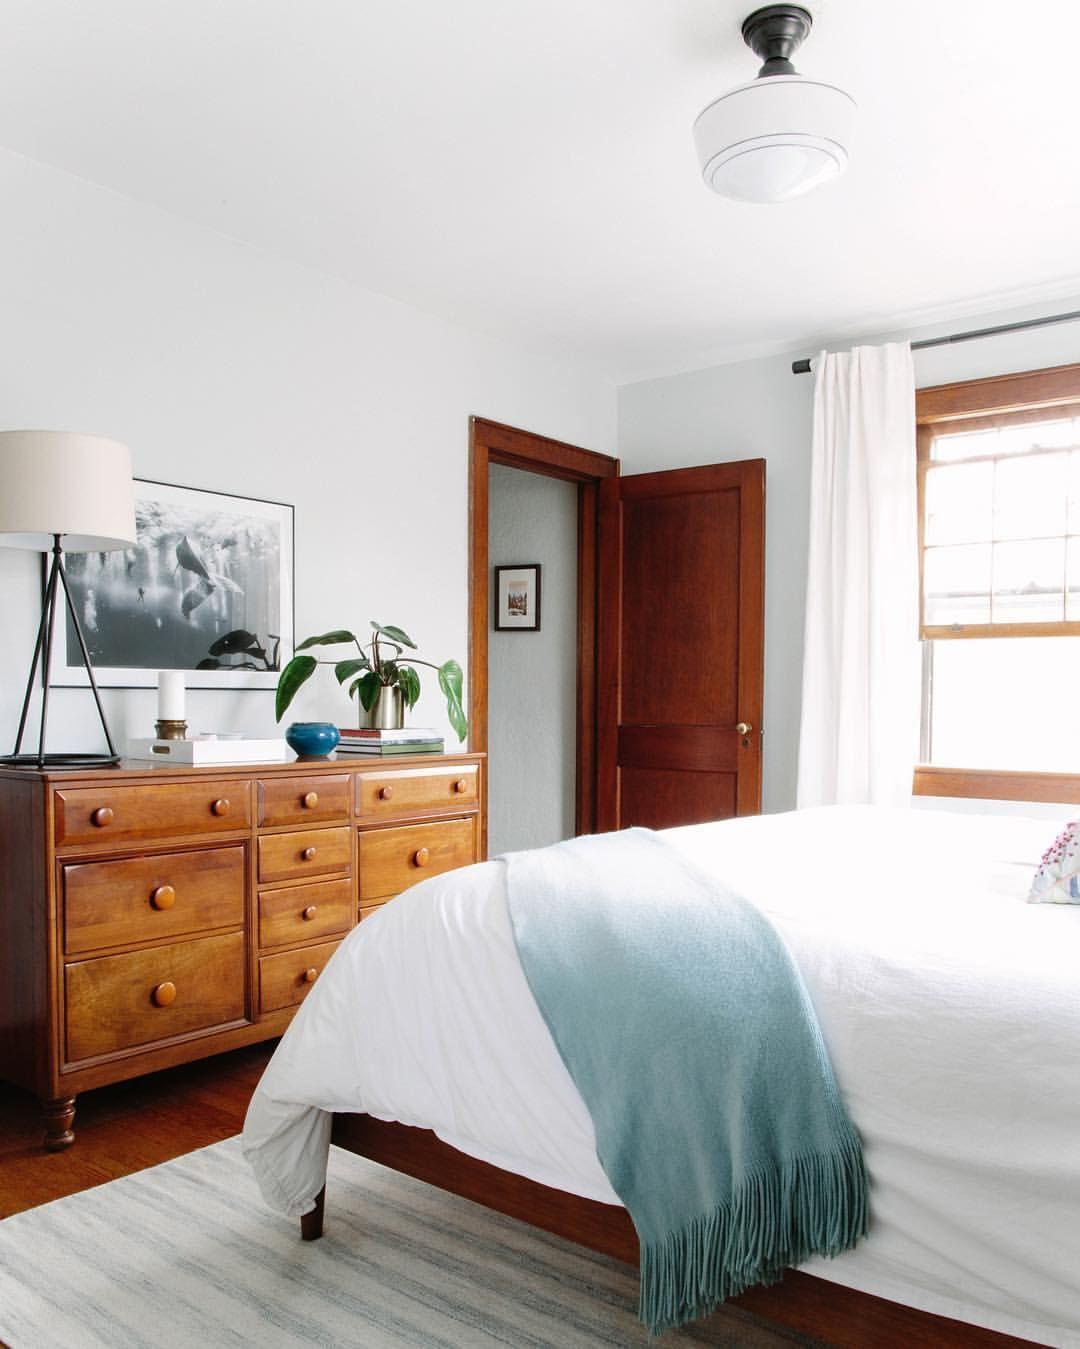 Romantisches schlafzimmer interieur pin von jenna auf casita  pinterest  schlafzimmer haus und bilder